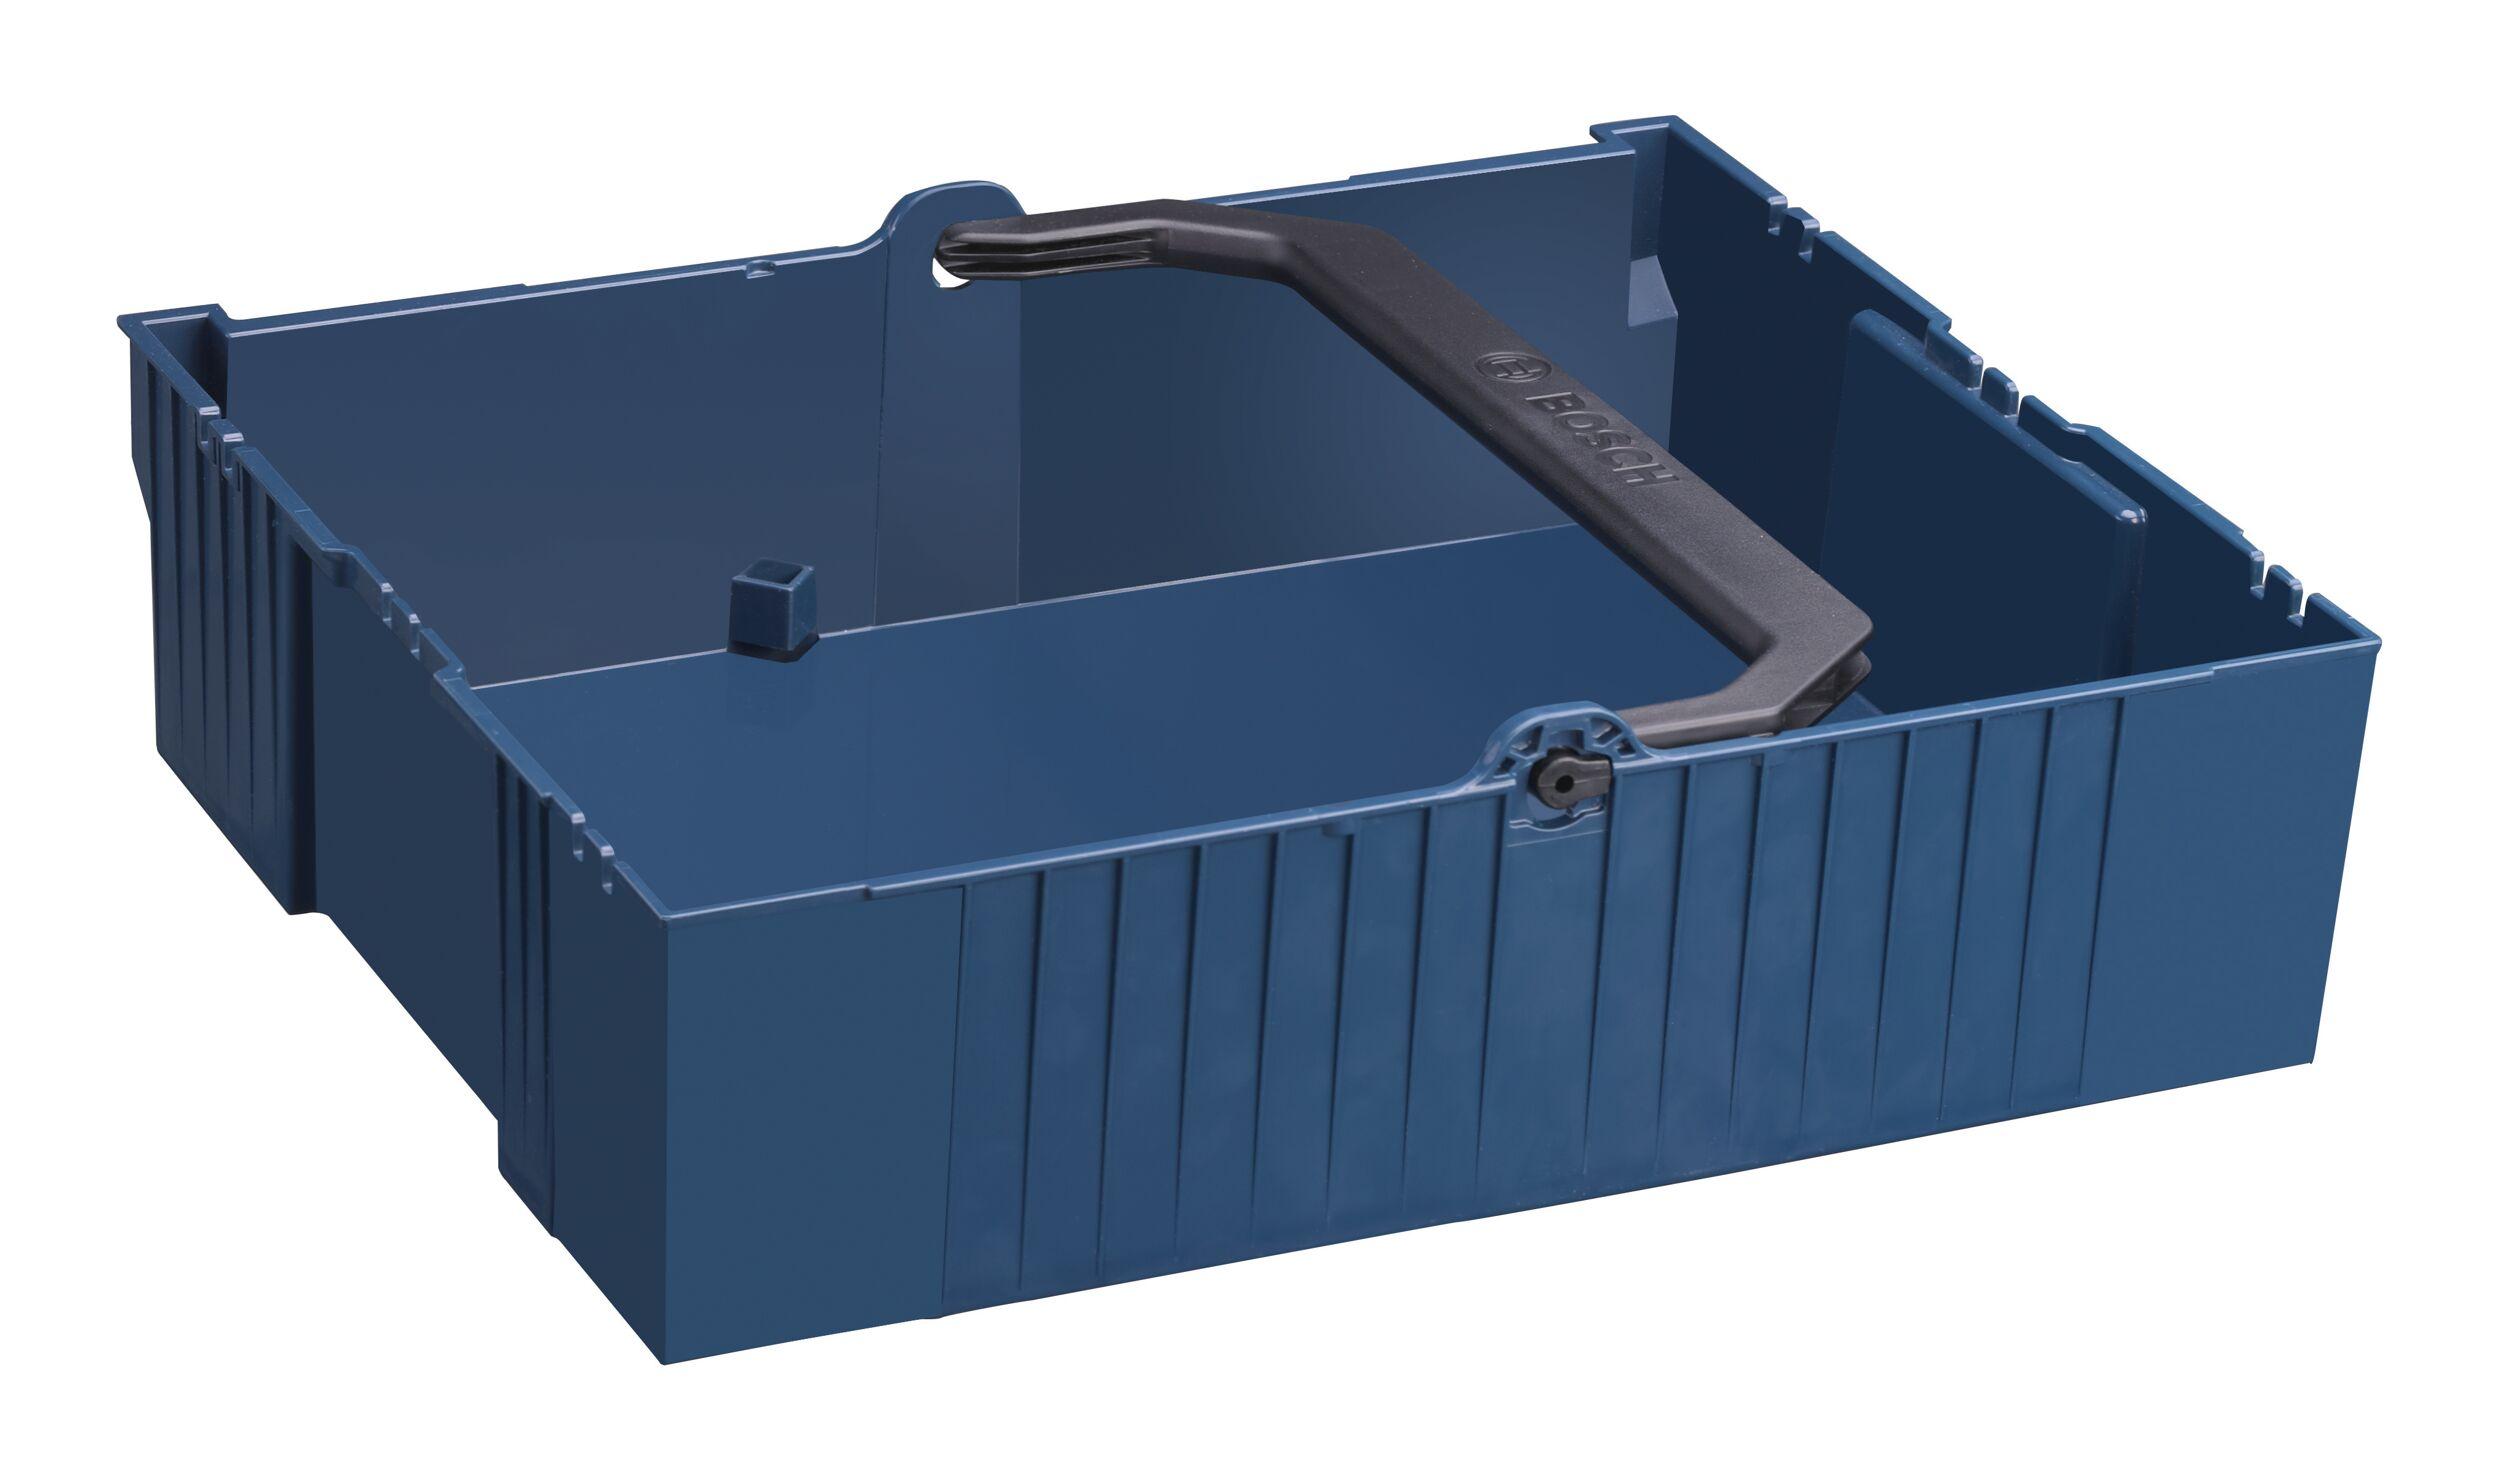 Bosch Blau Professional Einlage zur Werkzeugaufbewahrung für Toolbox - 1600A003RA